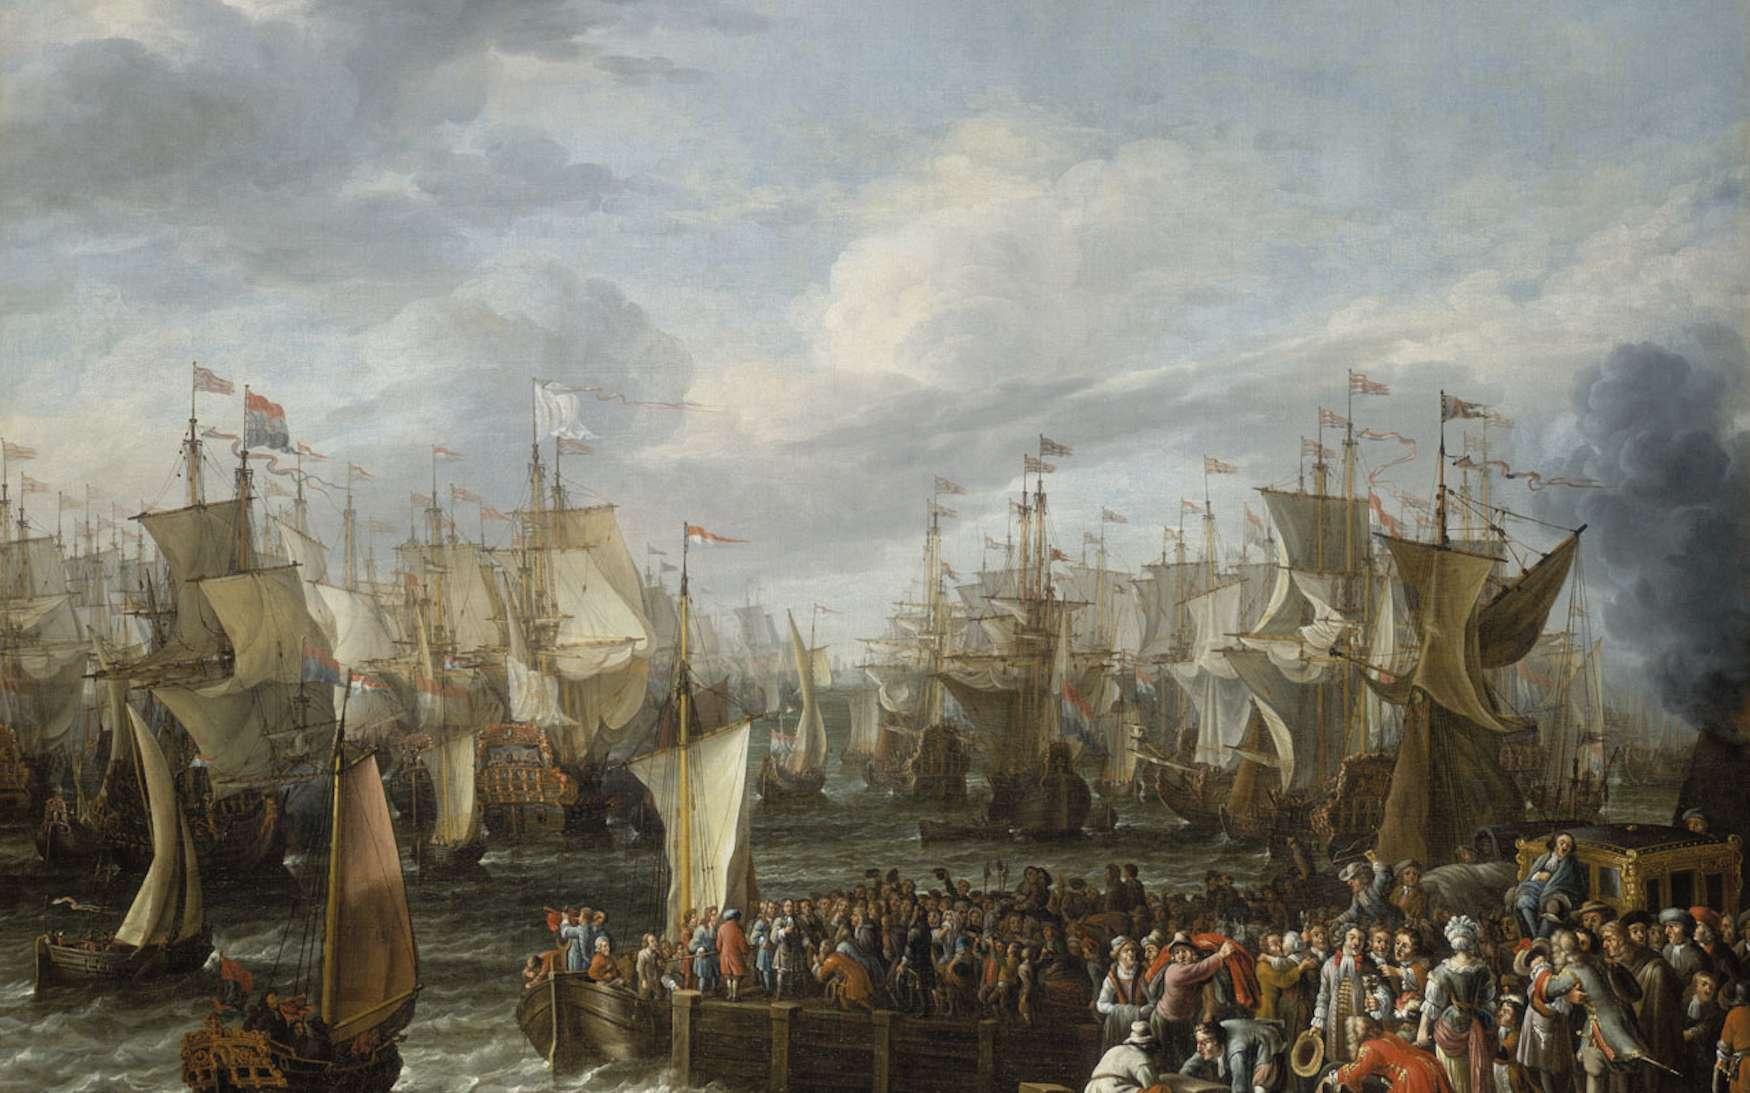 Embarquement de Guillaume d'Orange avec ses partisans pour l'Angleterre, en octobre 1688, depuis le port de Hellevoetsluis en Hollande. © Wikimedia Commons, domaine public